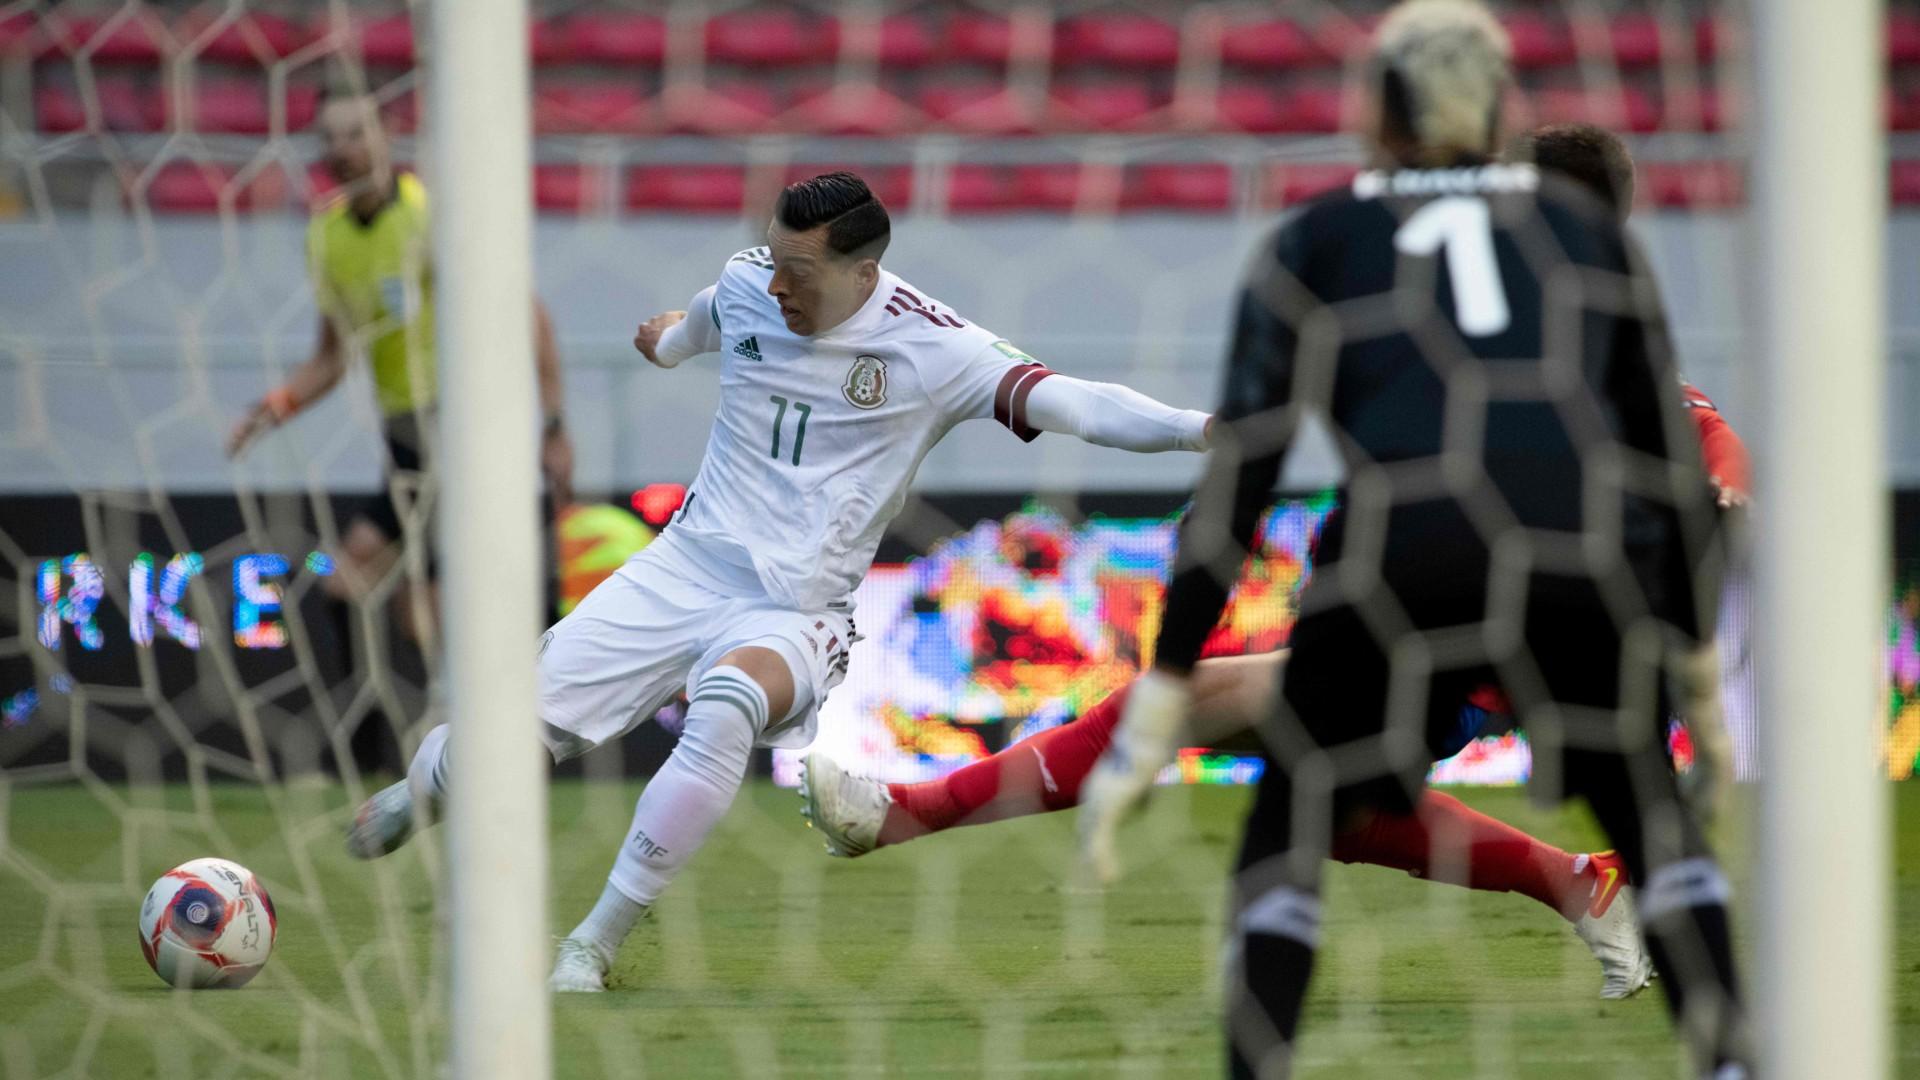 México vence apretadamente a Costa Rica y sigue de líder; Orbelín Pineda marcó el único gol del juego